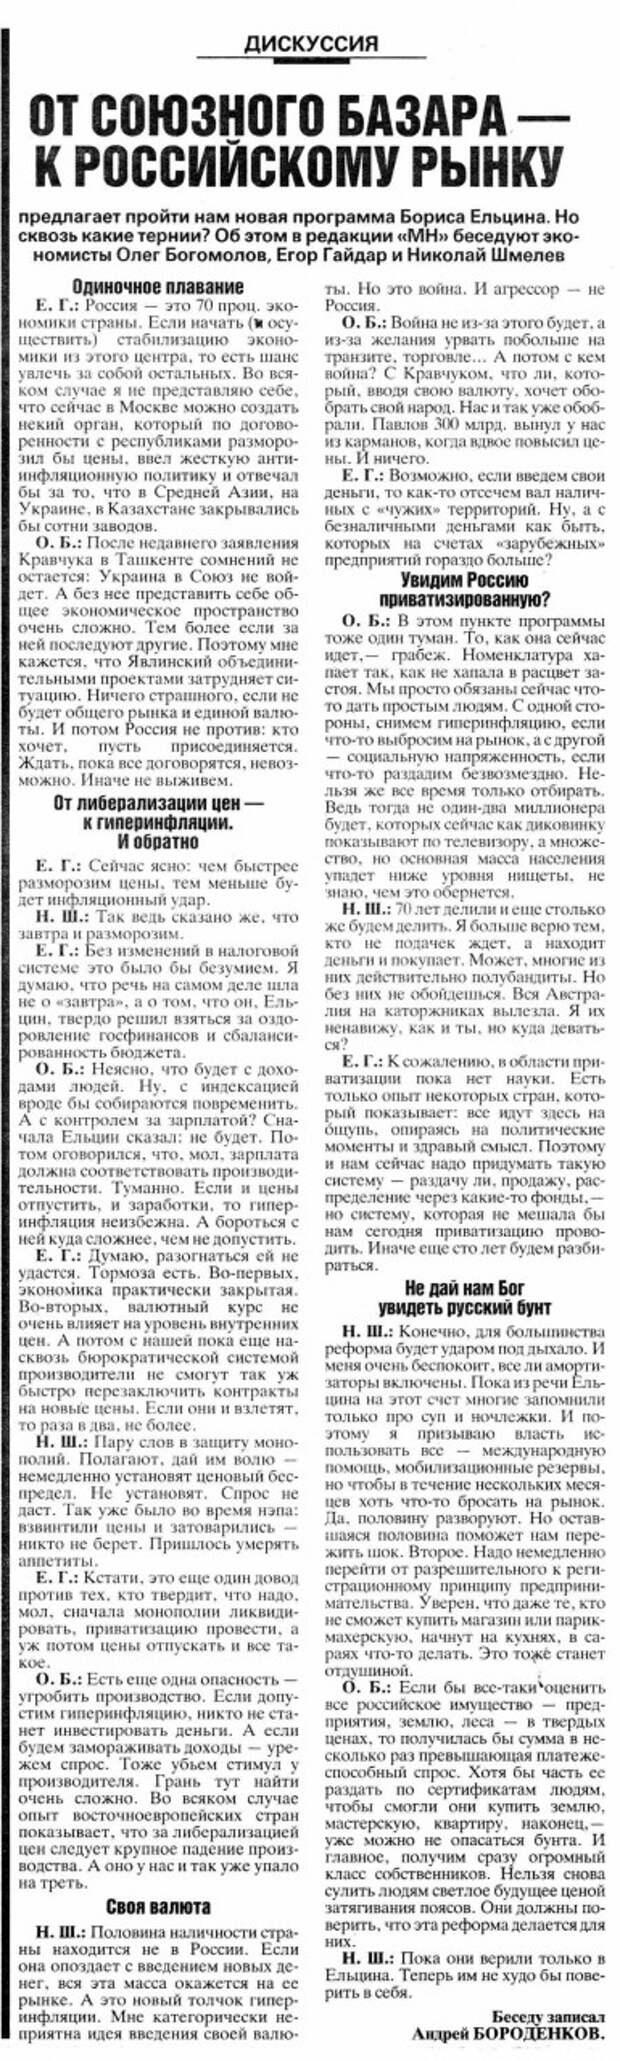 """Е.Гайдар: """"Если цены и взлетят, то раза в два, не более"""""""